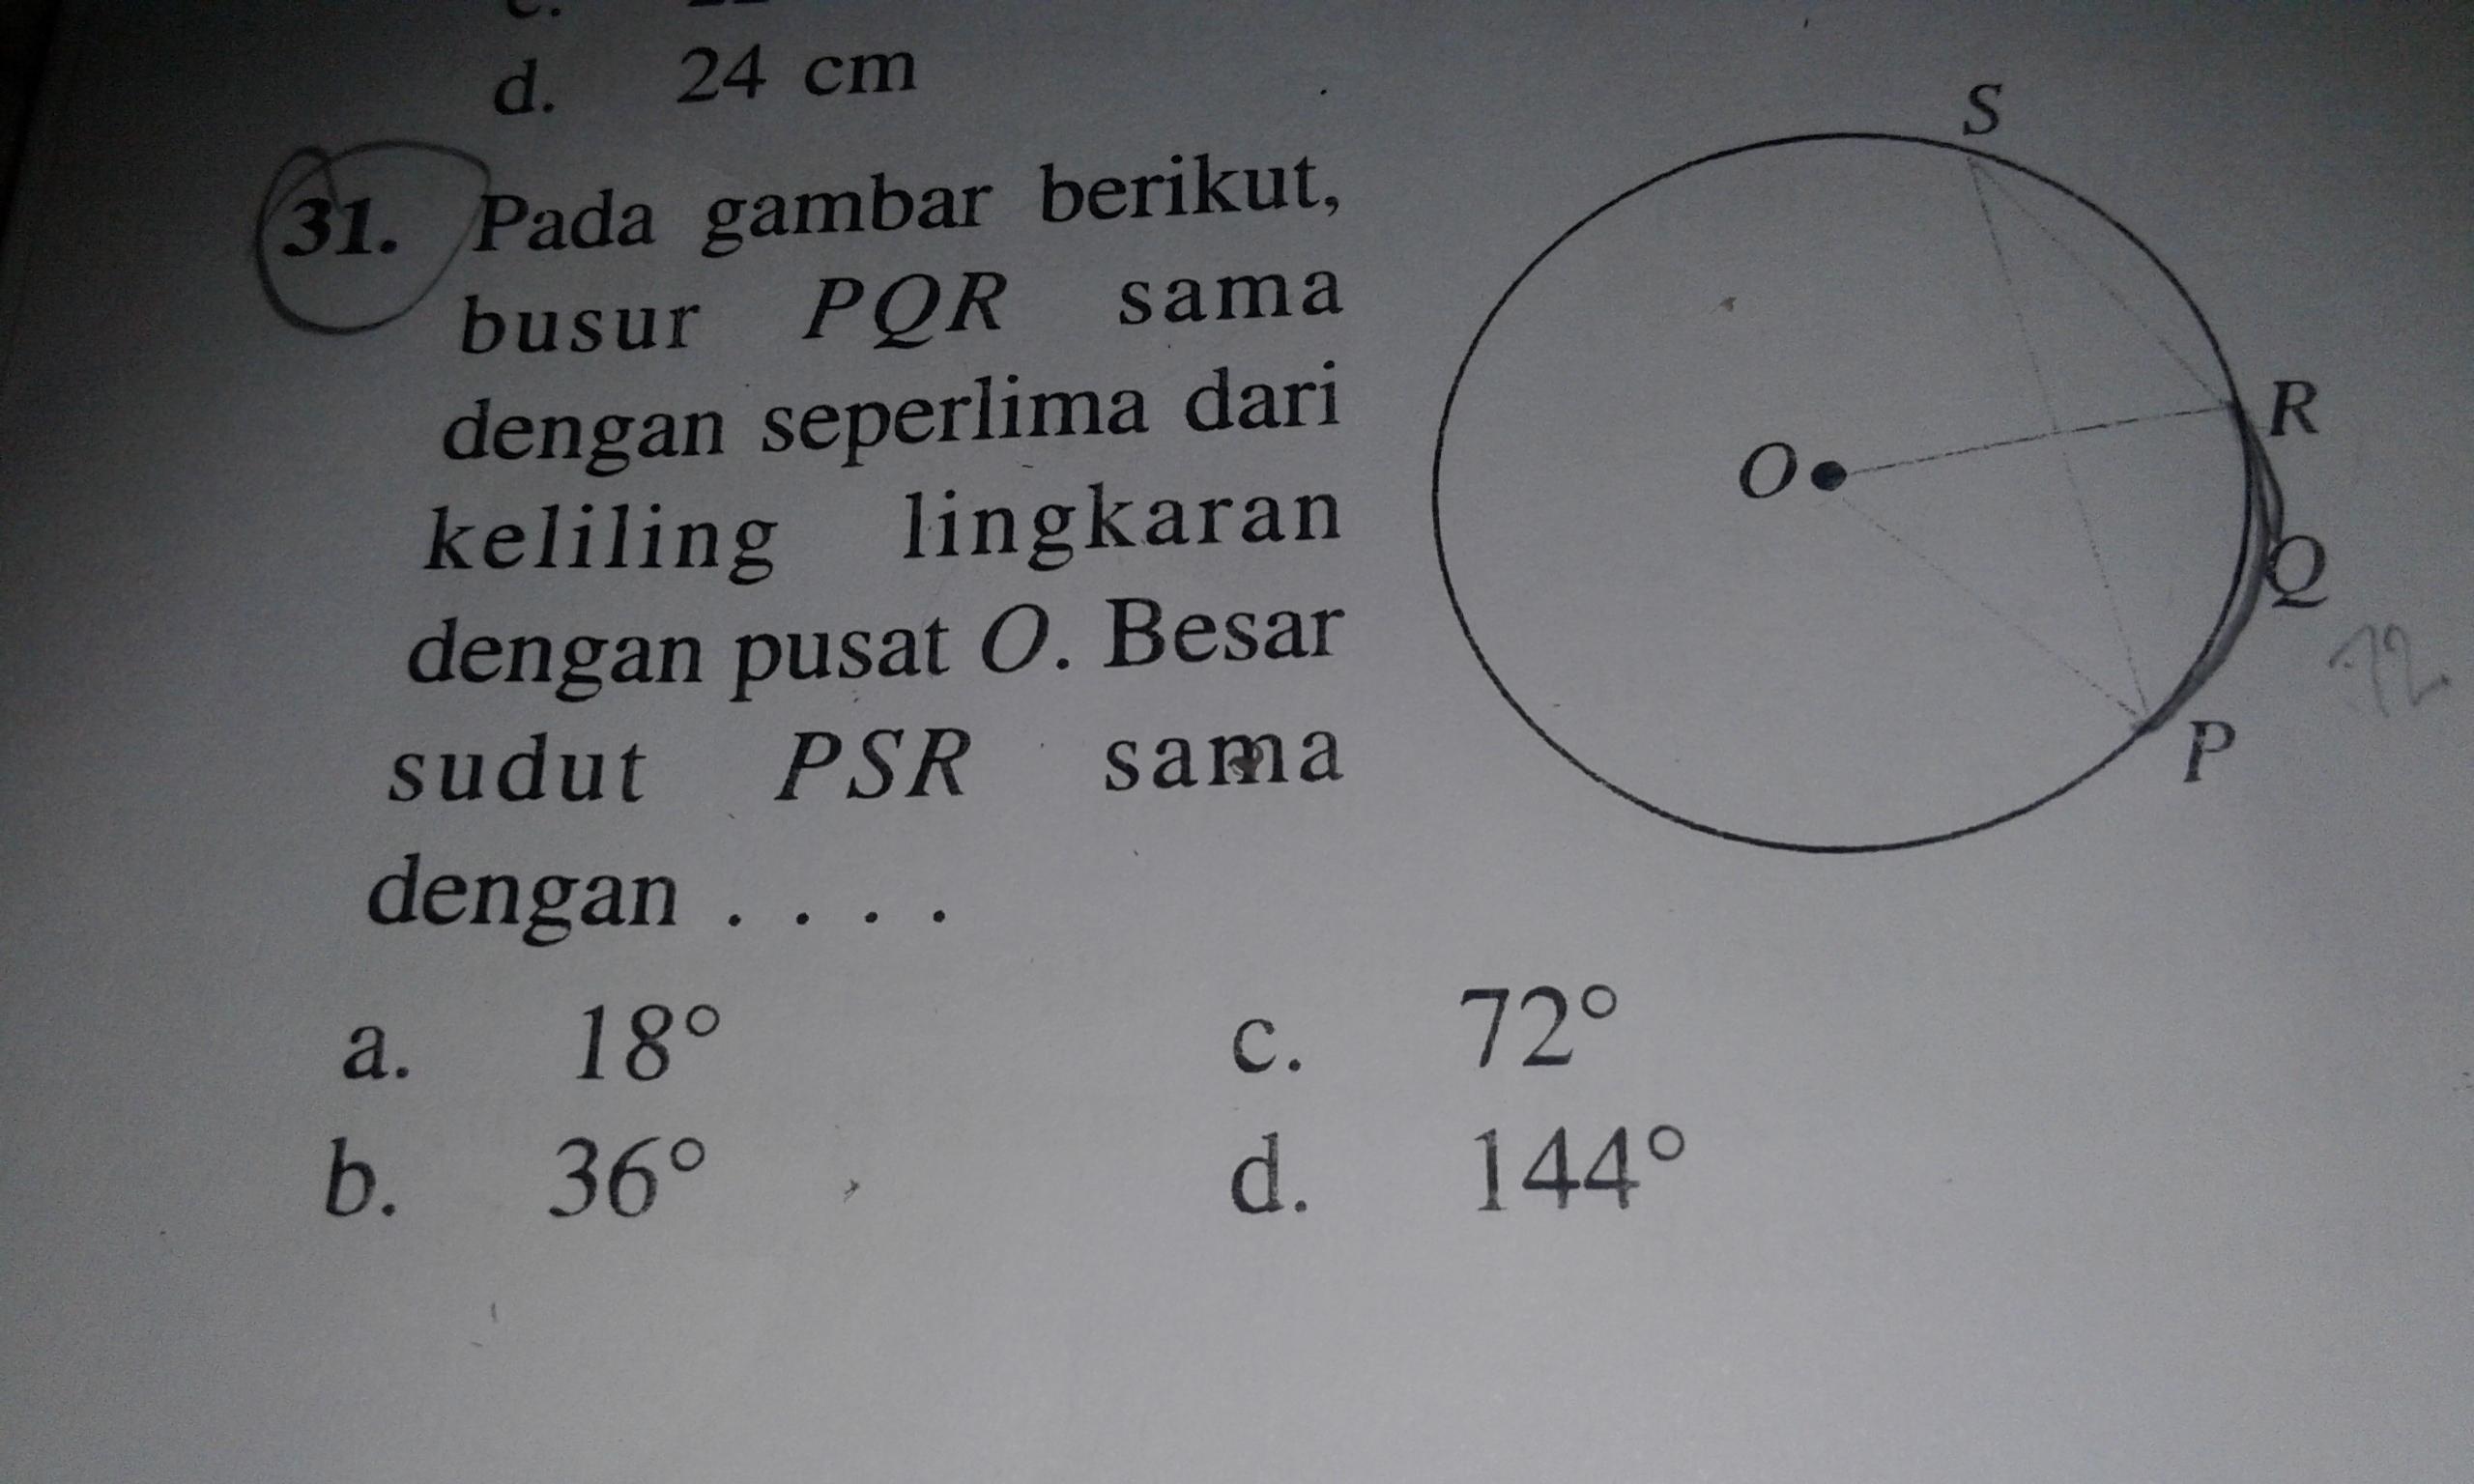 pada gambar berikut busur PQR = seperlima dari keliling ...